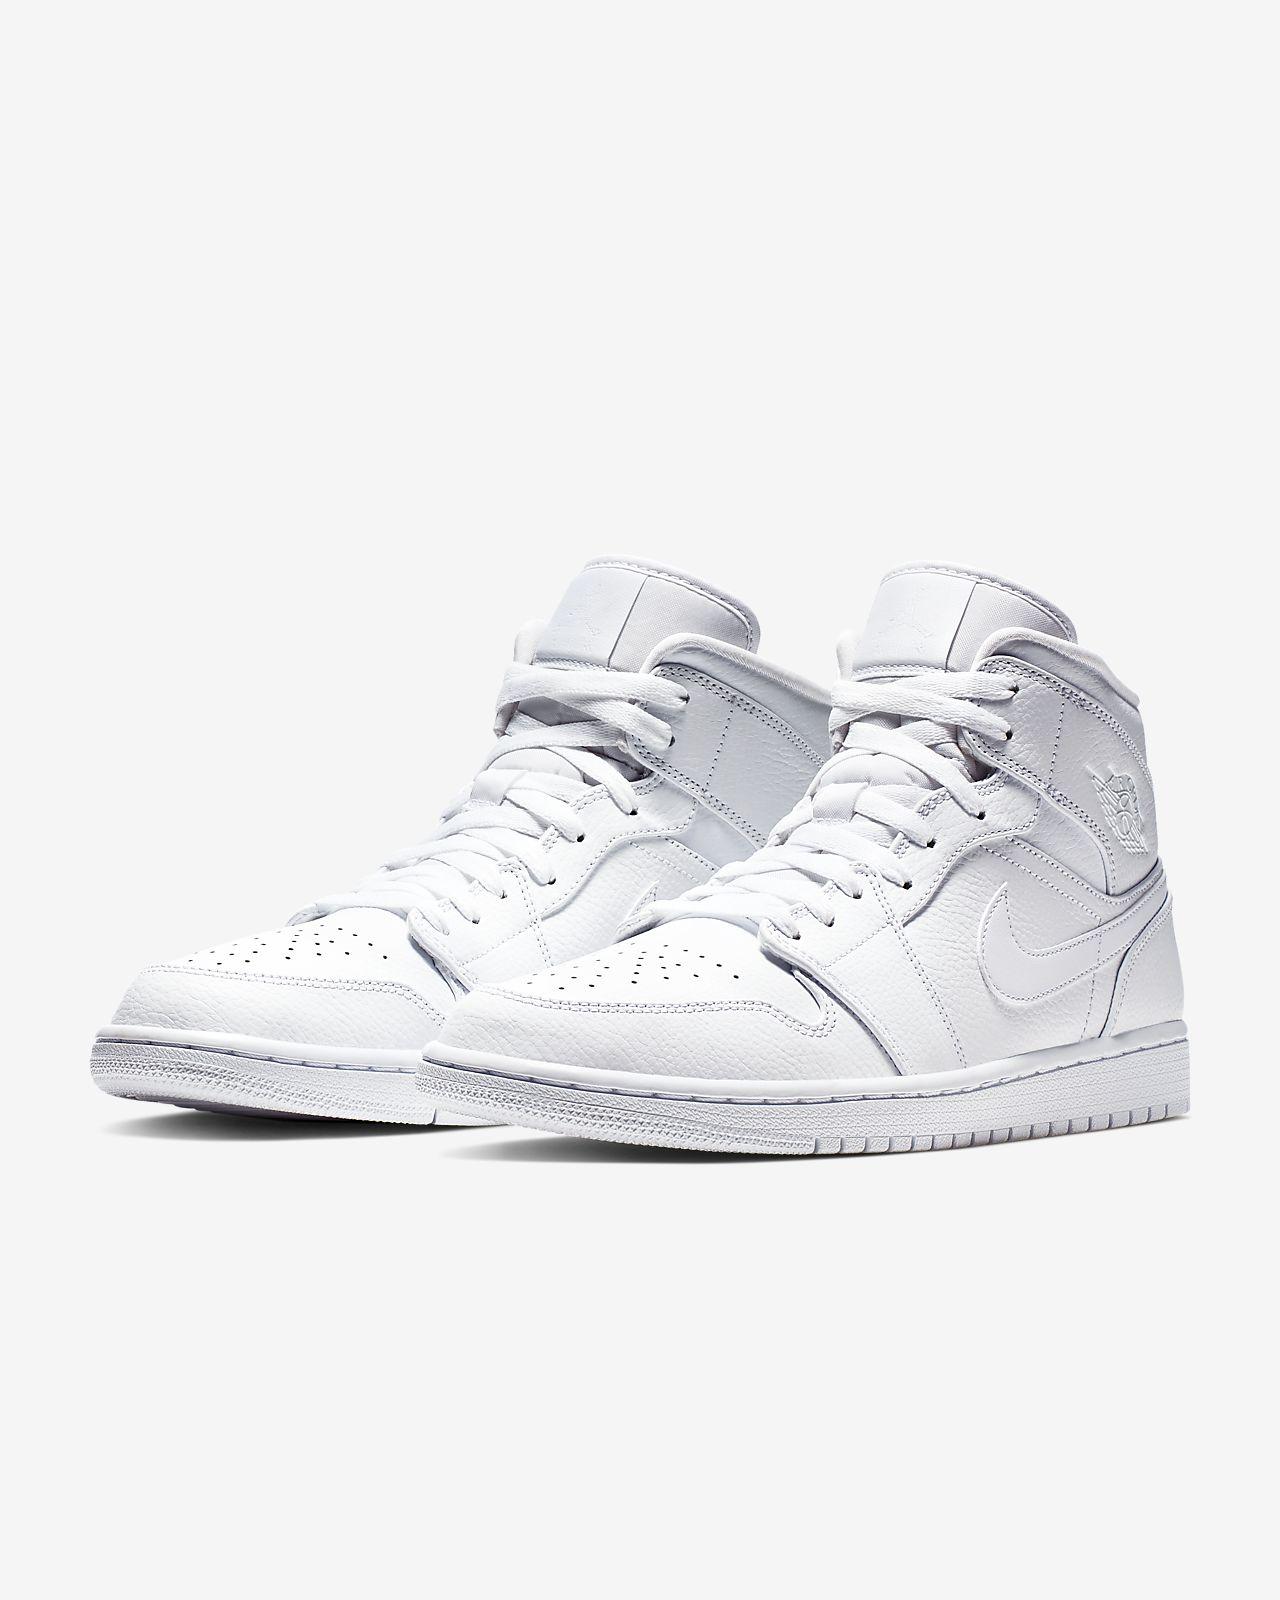 6e9e243b6c Air Jordan 1 Mid Men's Shoe. Nike.com